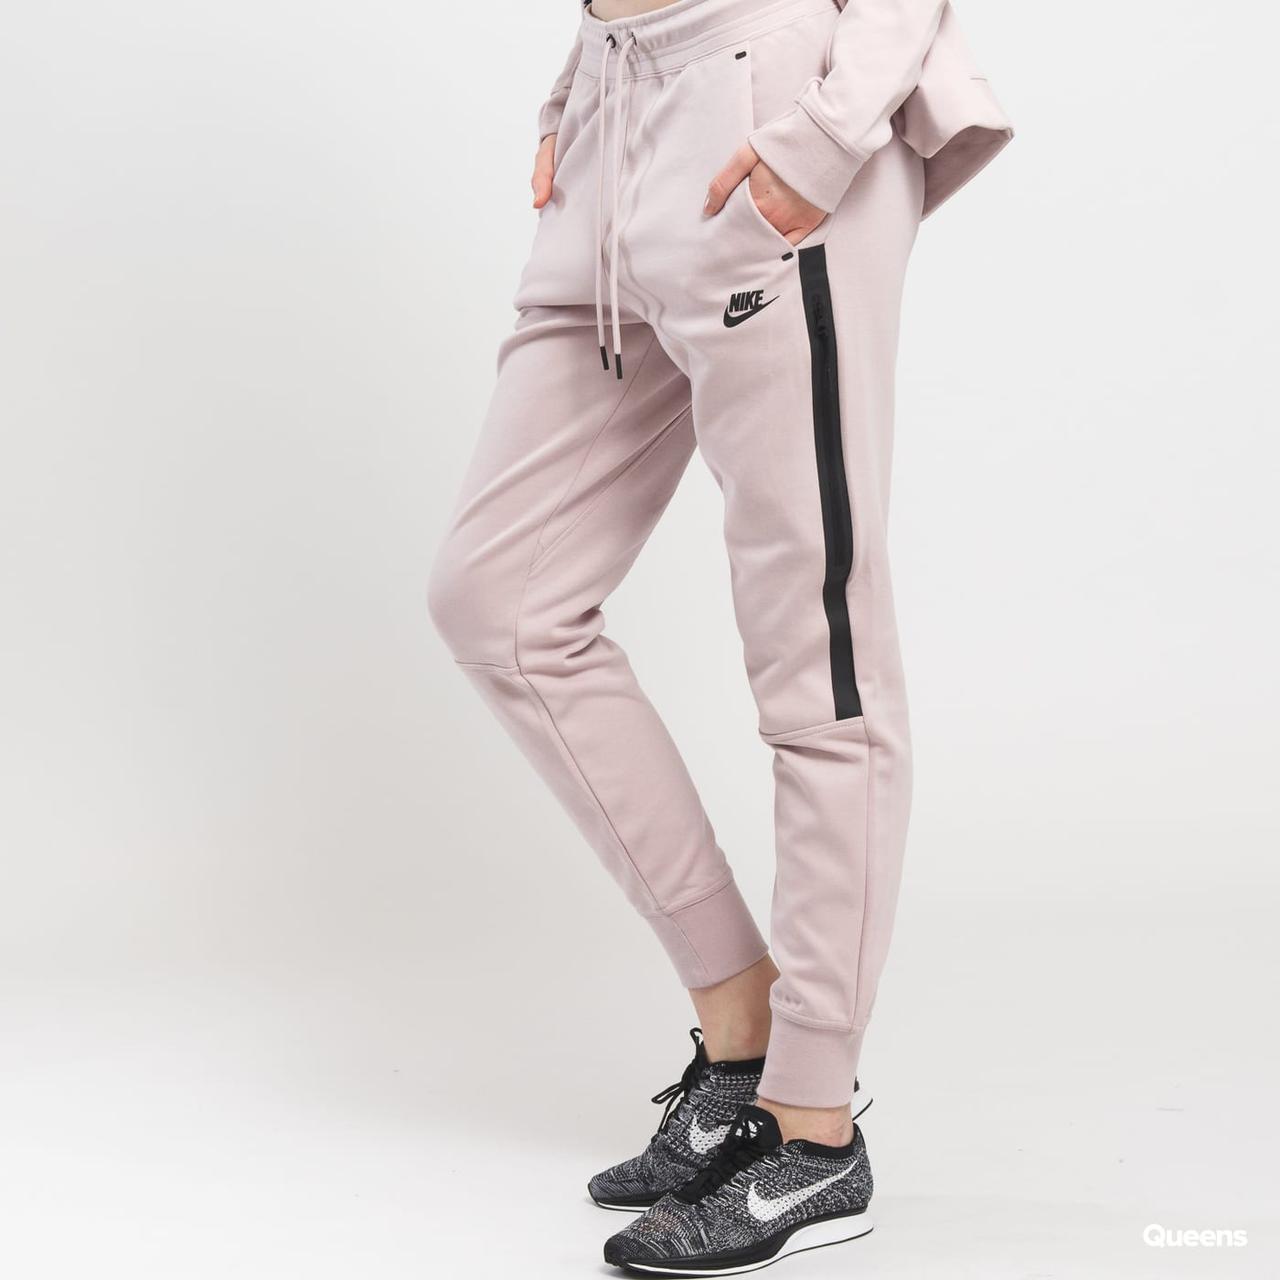 d6180c0c Женские Брюки Nike W Nsw Tch FLC Pant OG 683800-684 (Оригинал), цена ...